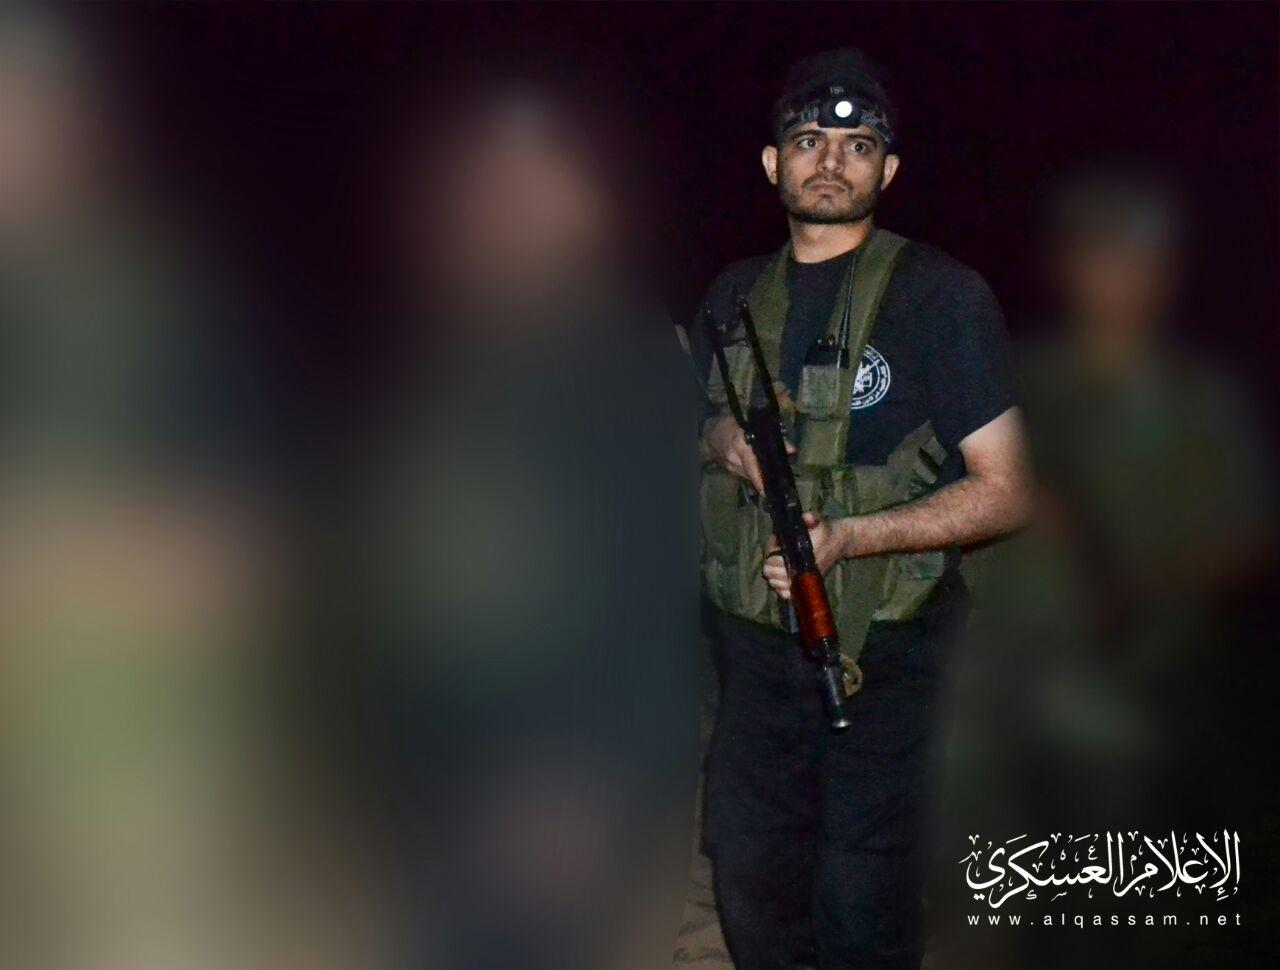 الشهيد القائد الميداني / حامد الخضري